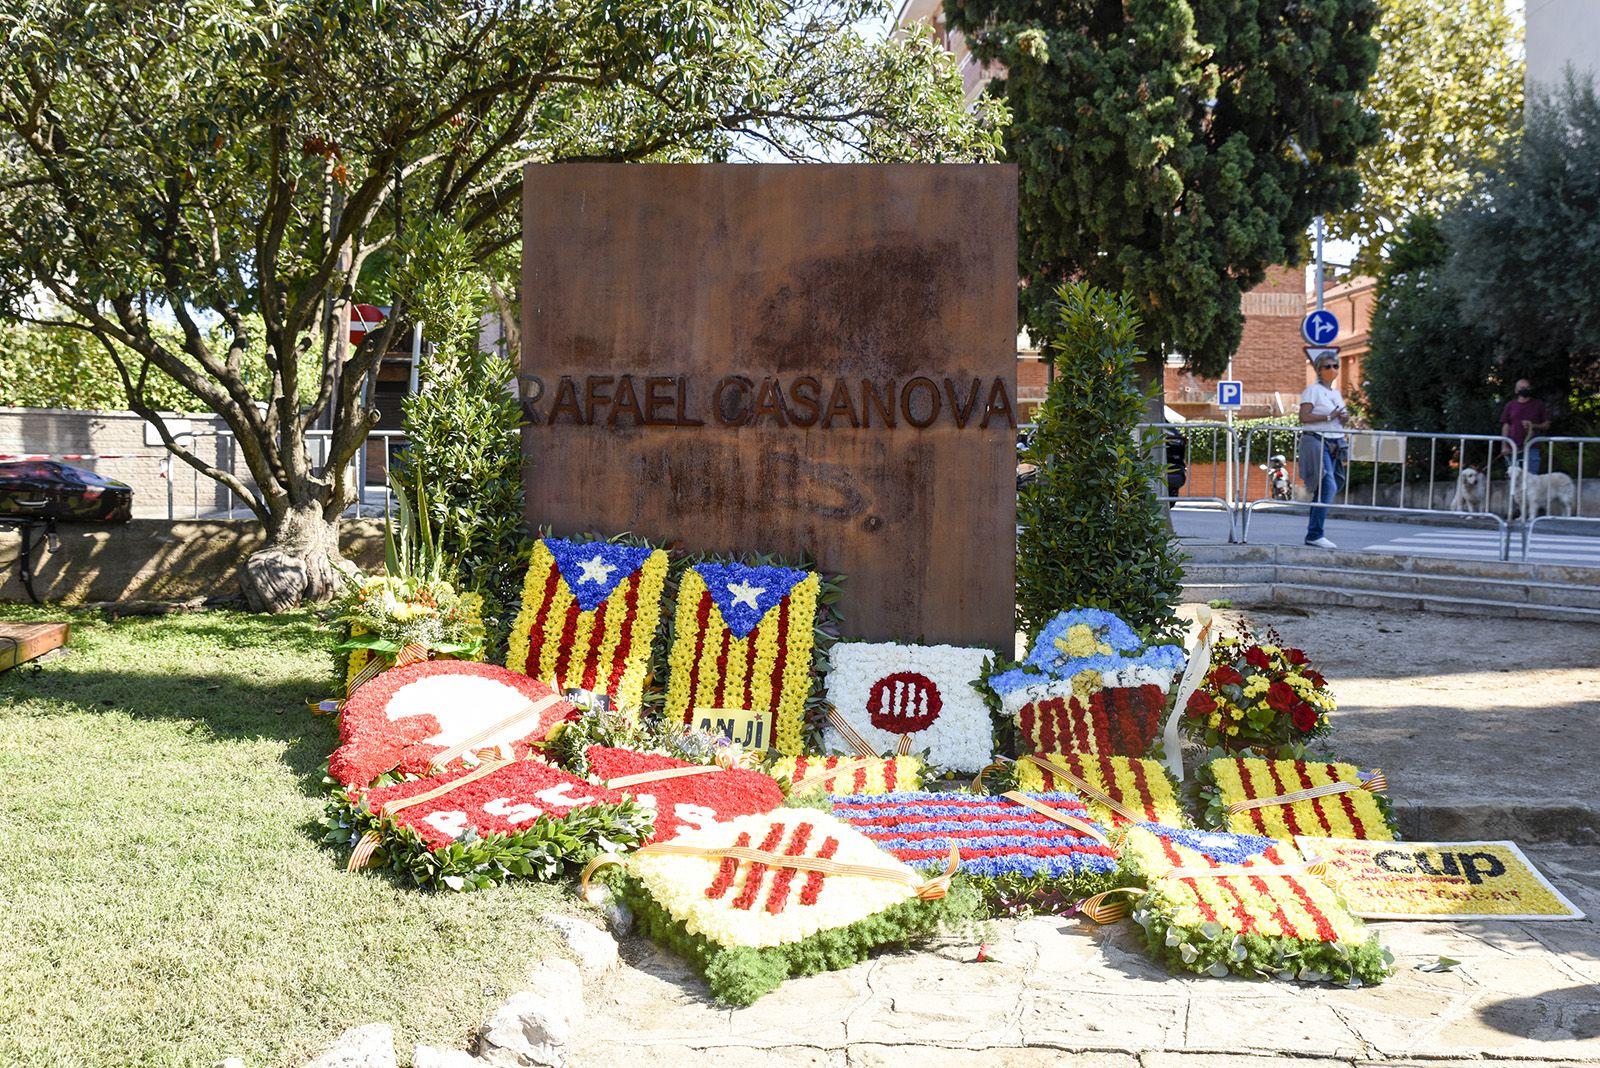 Les ofrenes florals al monument de Rafael Casanova. Foto: Bernat Millet.